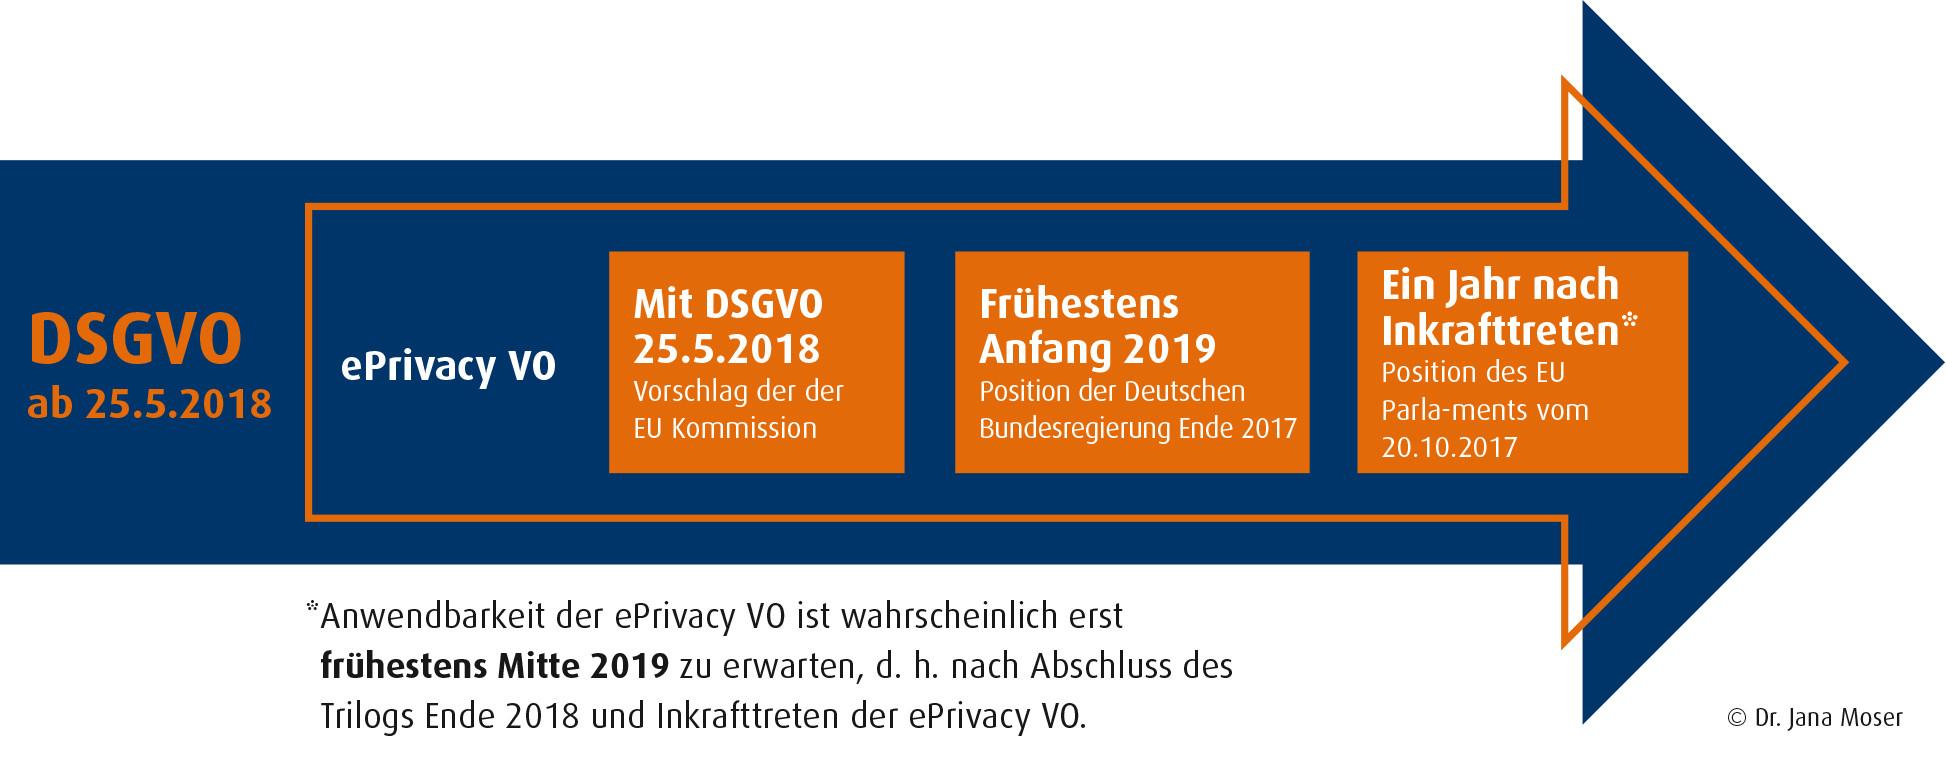 DSGVO und ePrivacy Verordnung